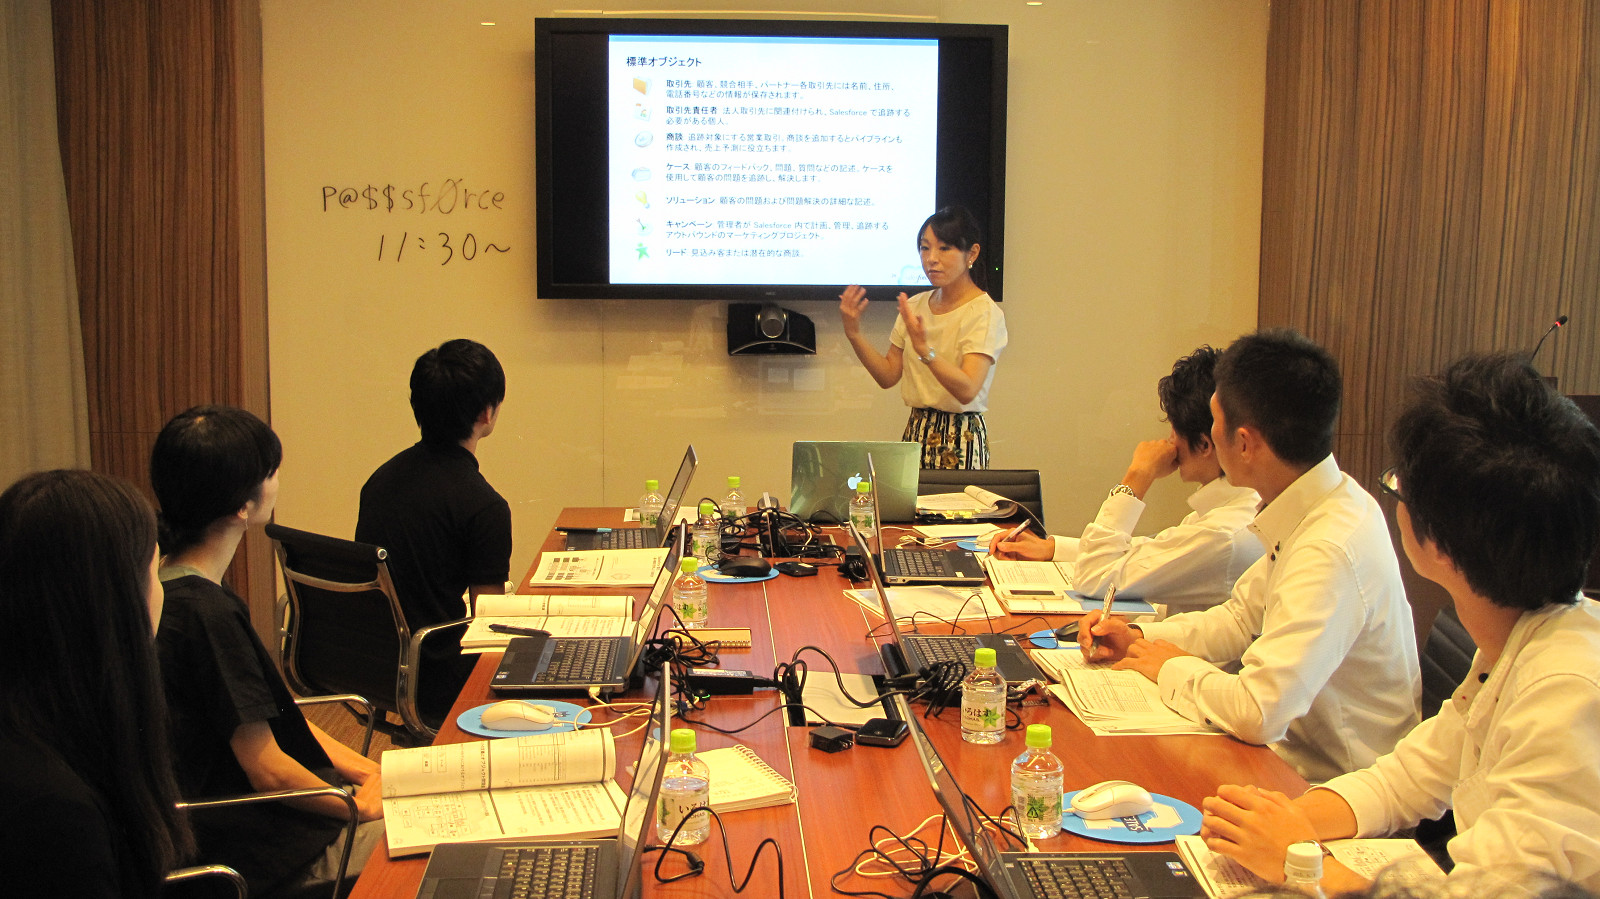 セールスフォース・ドットコムの若者就労支援プログラム「BizAcademy」